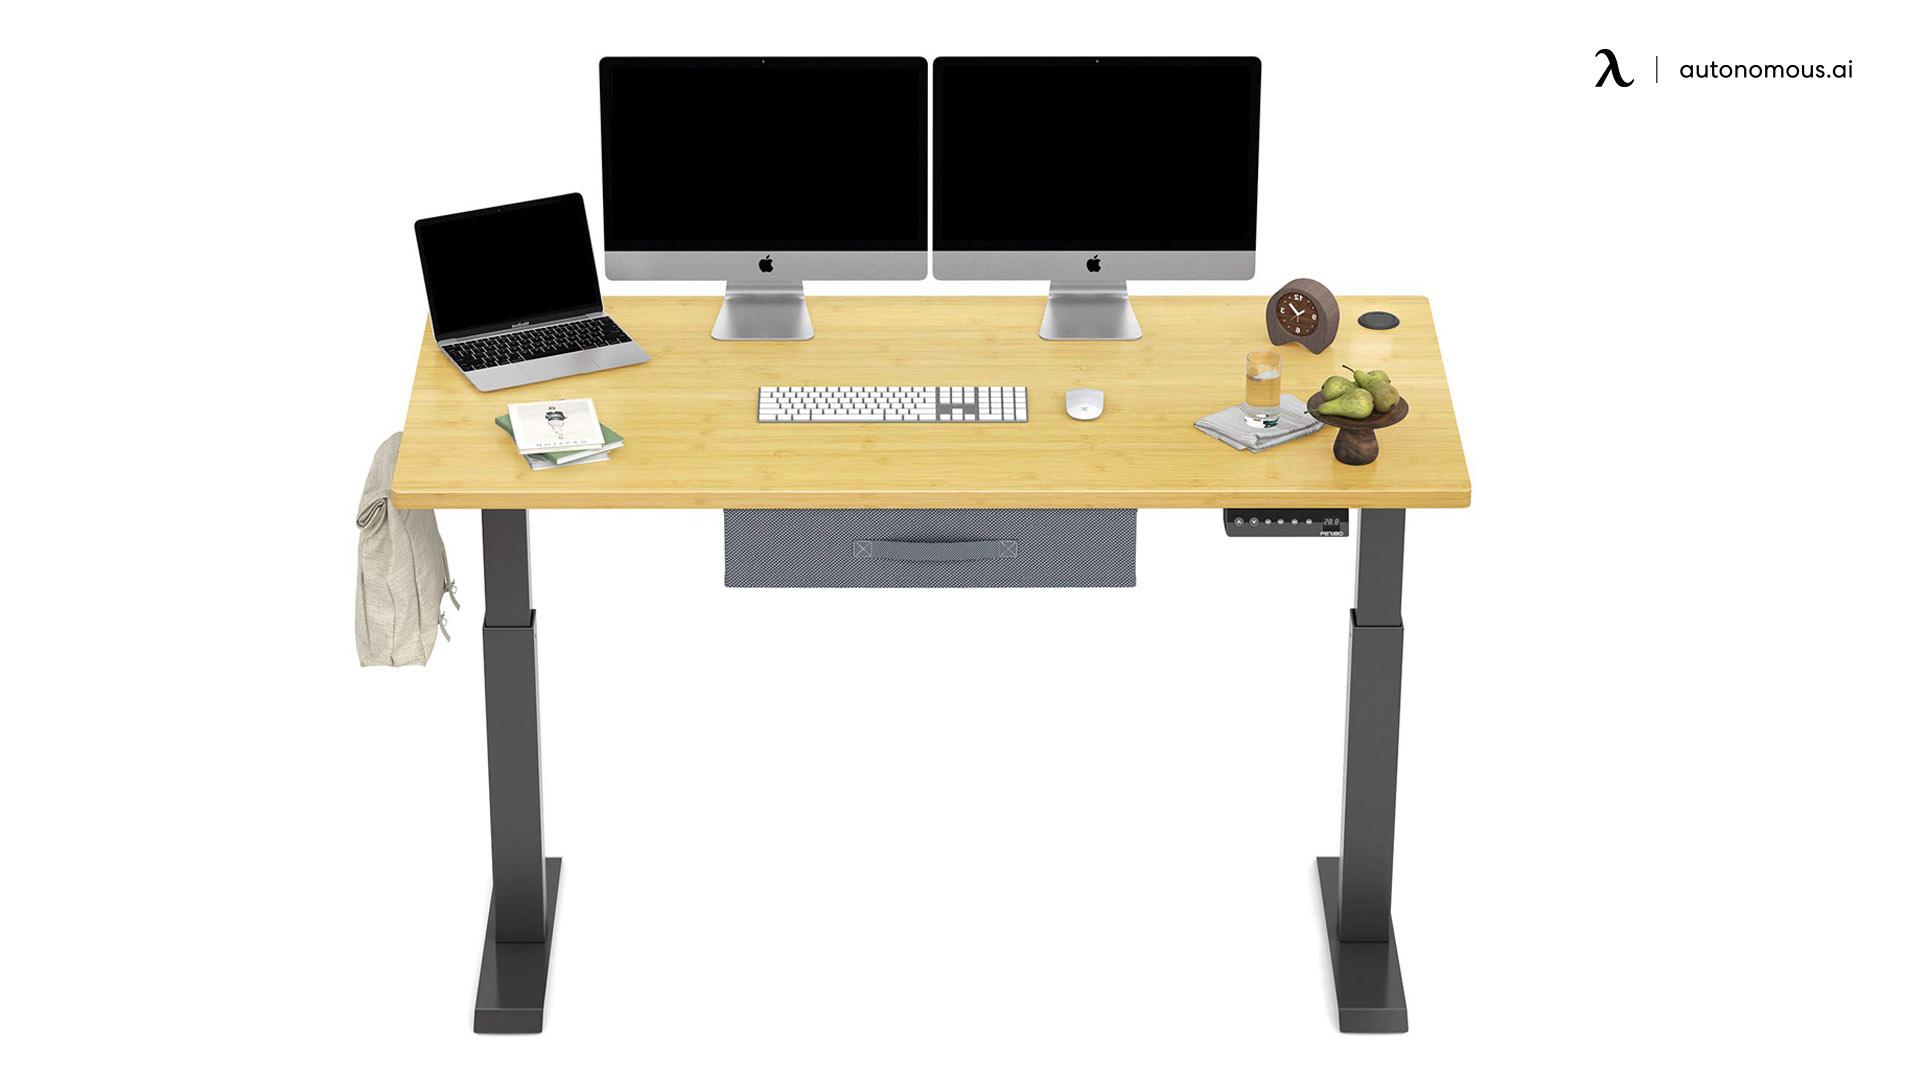 Fezibo Dual Motor Standing Desk Frame